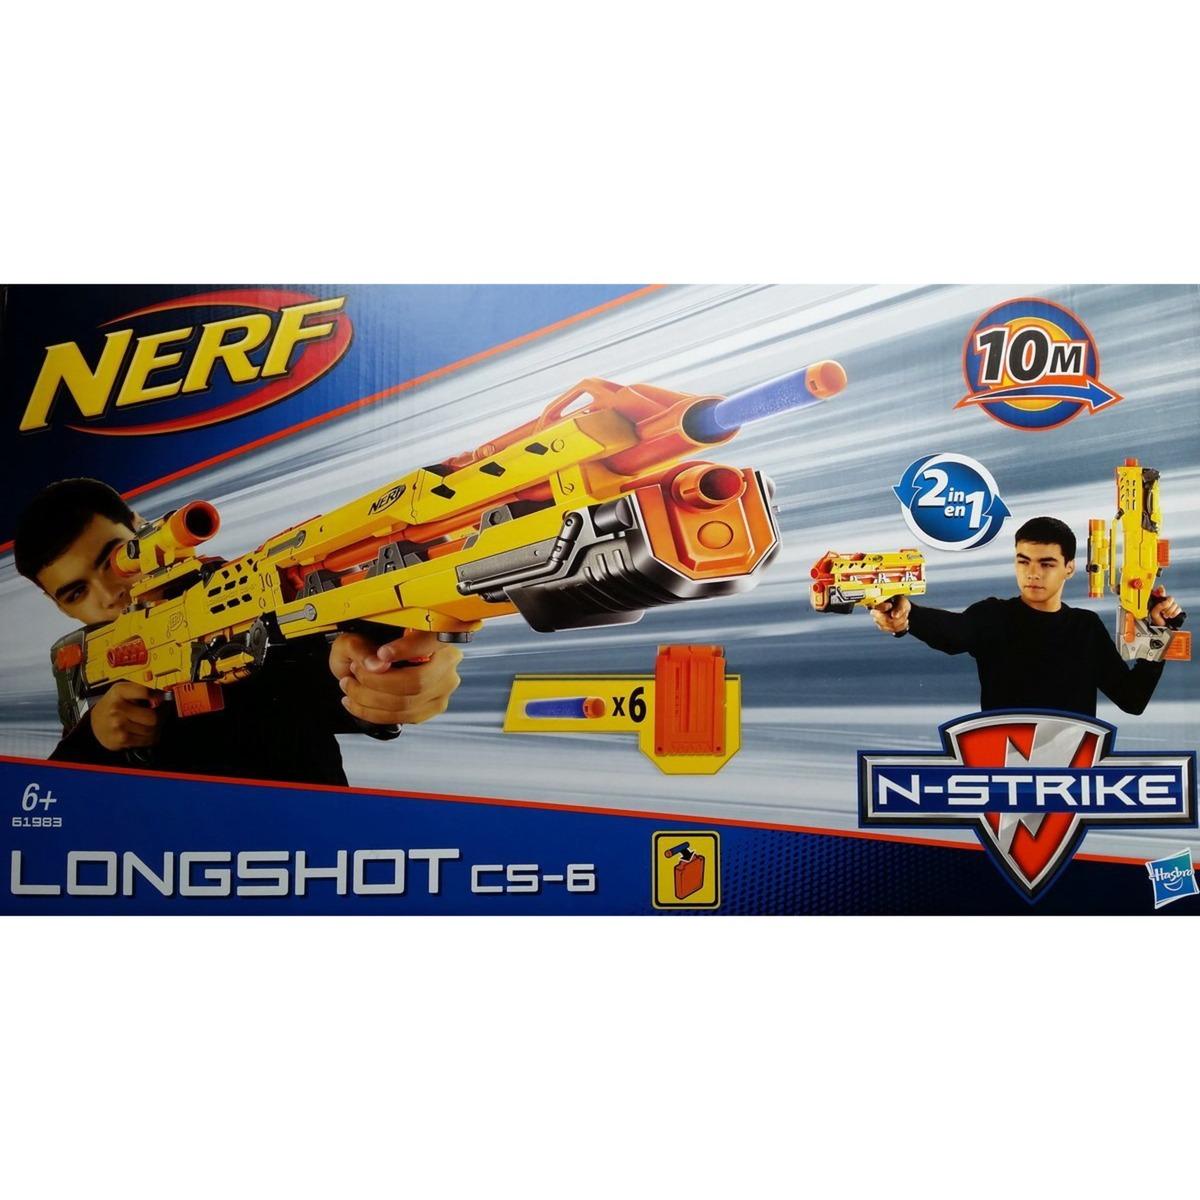 61983EU50, Pistola Nerf